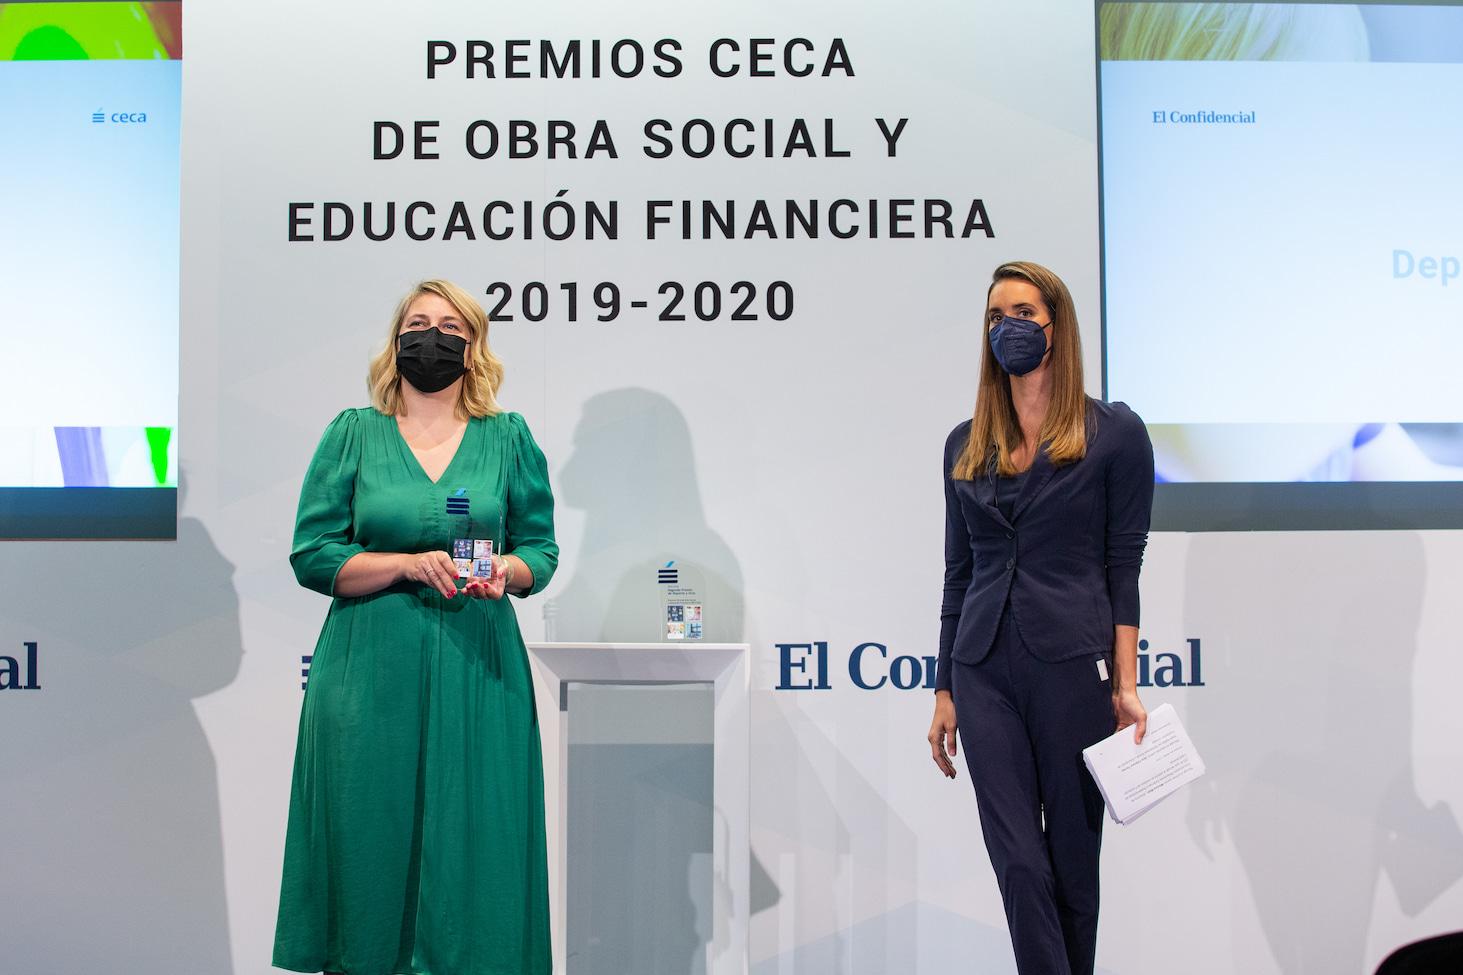 PremiosCECA3